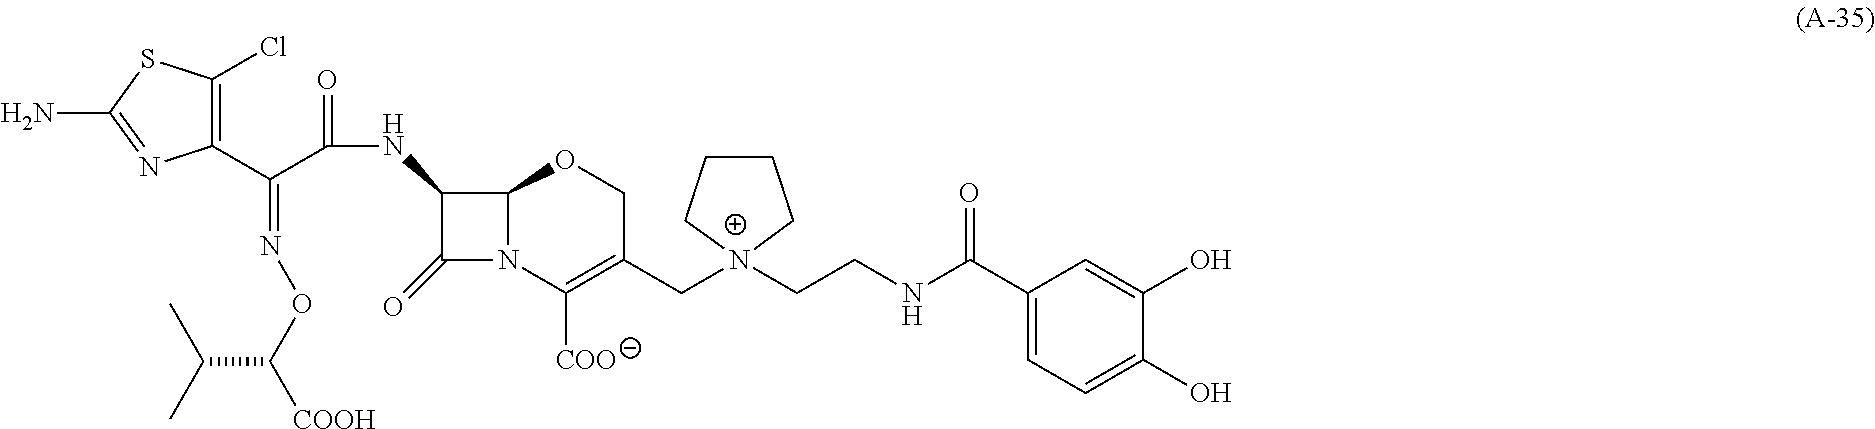 Figure US09145425-20150929-C00037